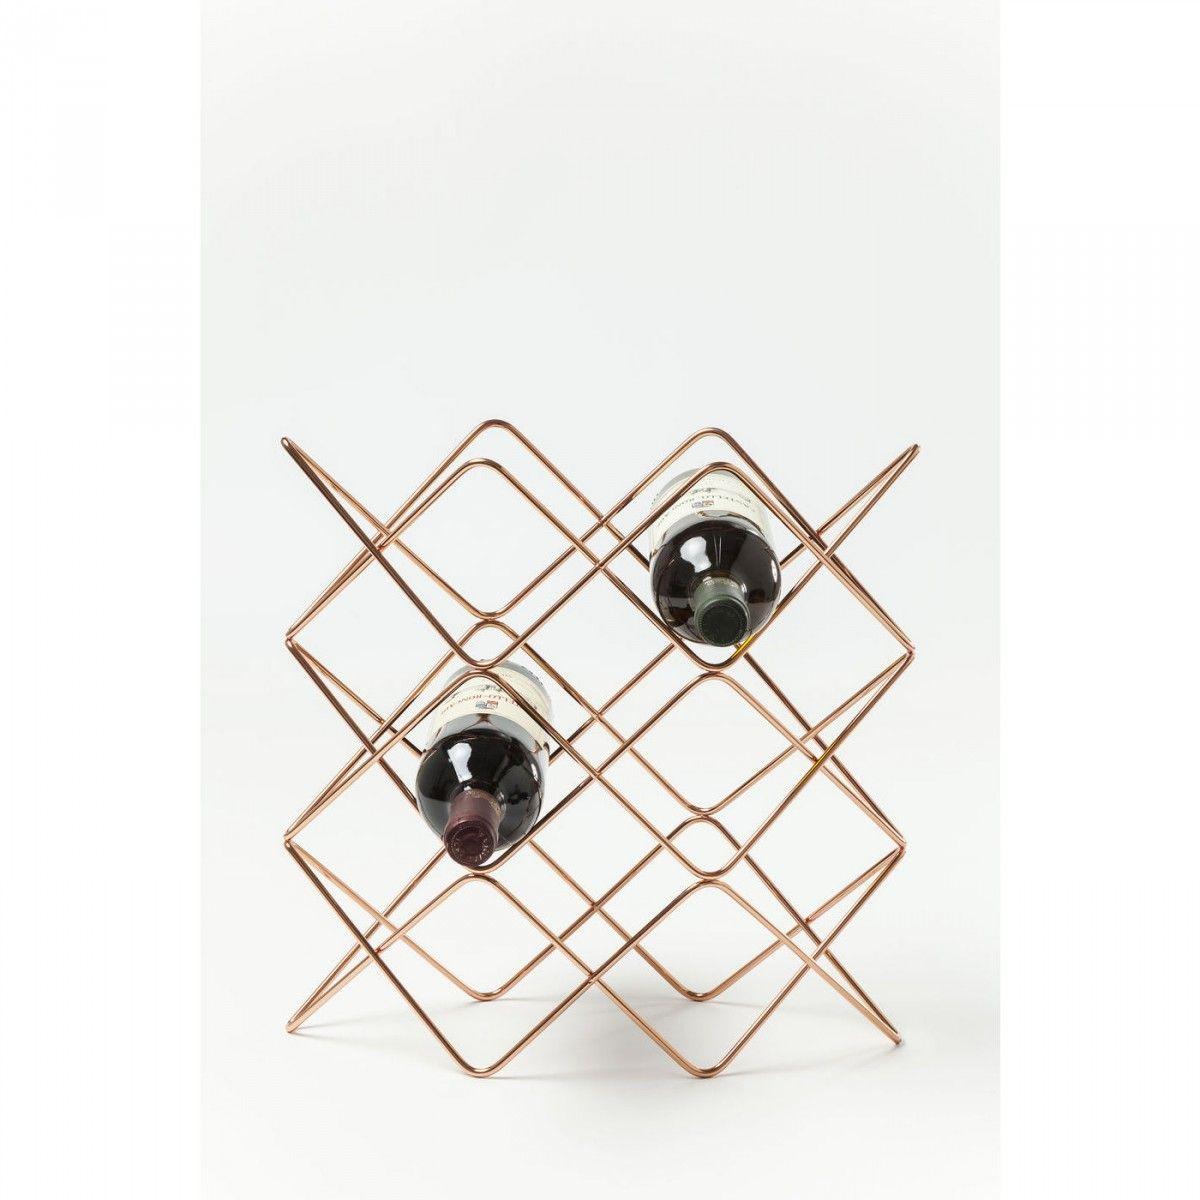 Weinregal Wire Zick Zack - Möbel - KARE Design 34,95 € | Wohnzimmer ...